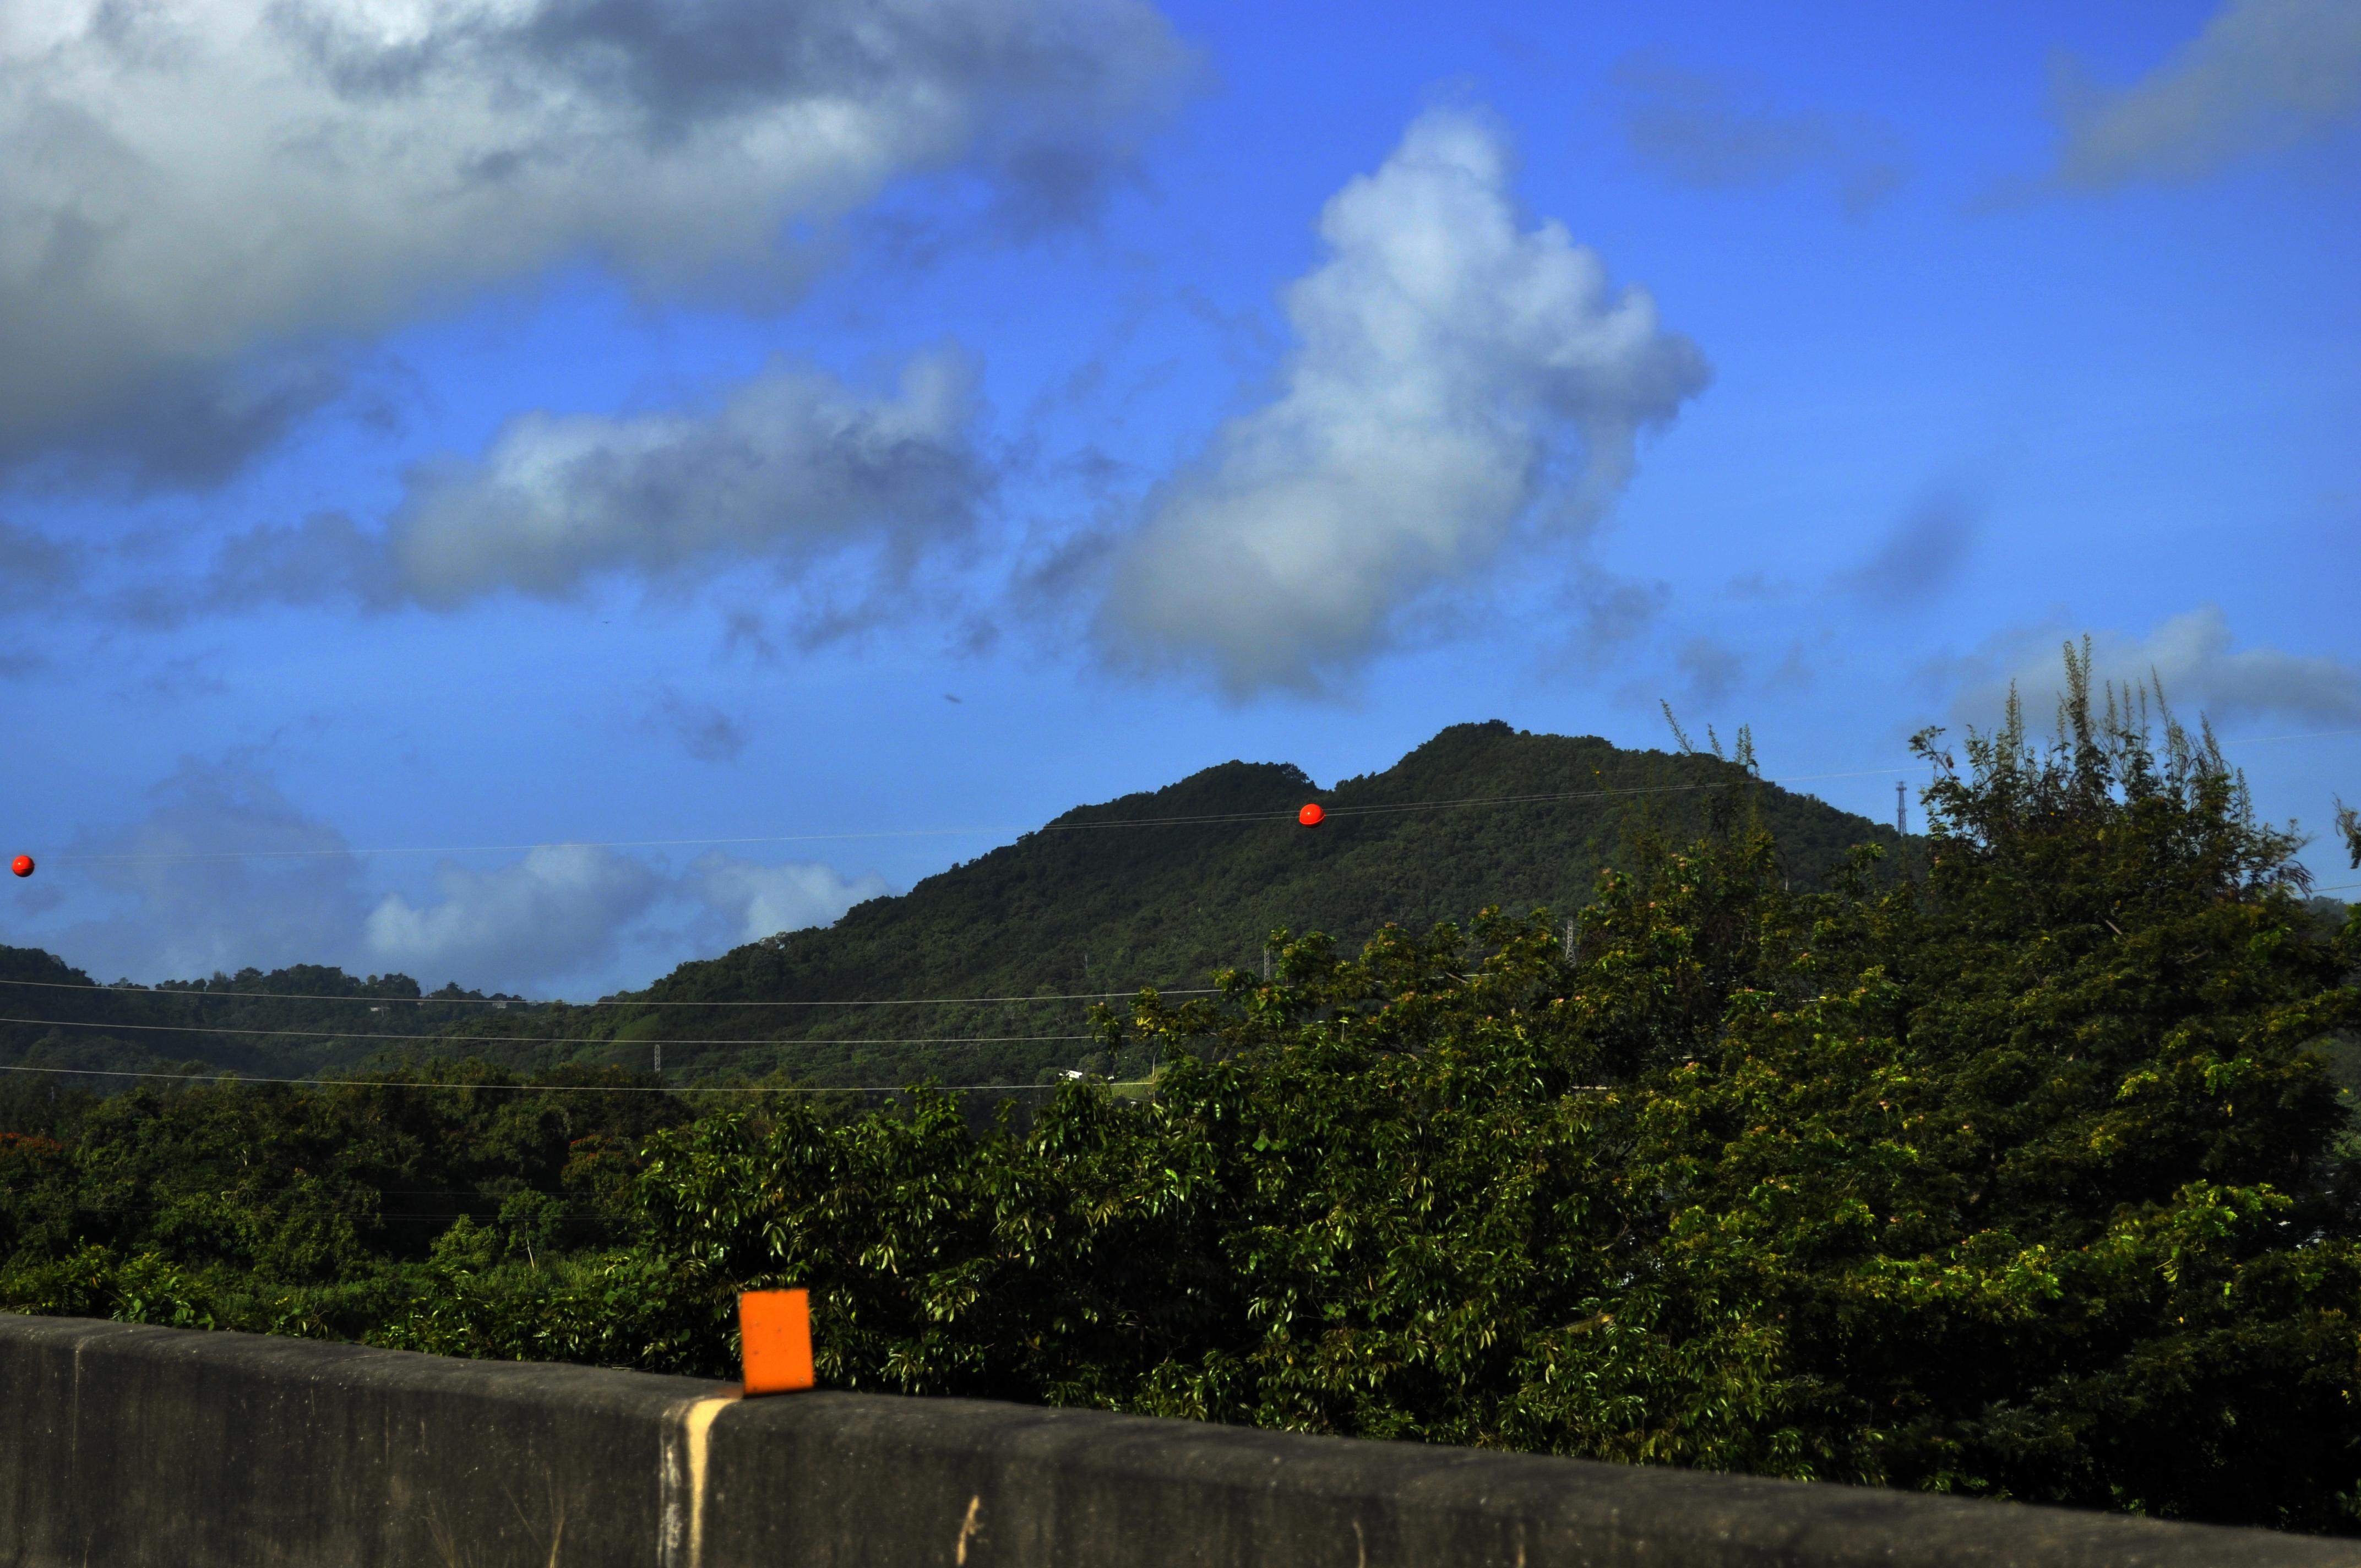 Humacao, Humacao (Puerto Rico)